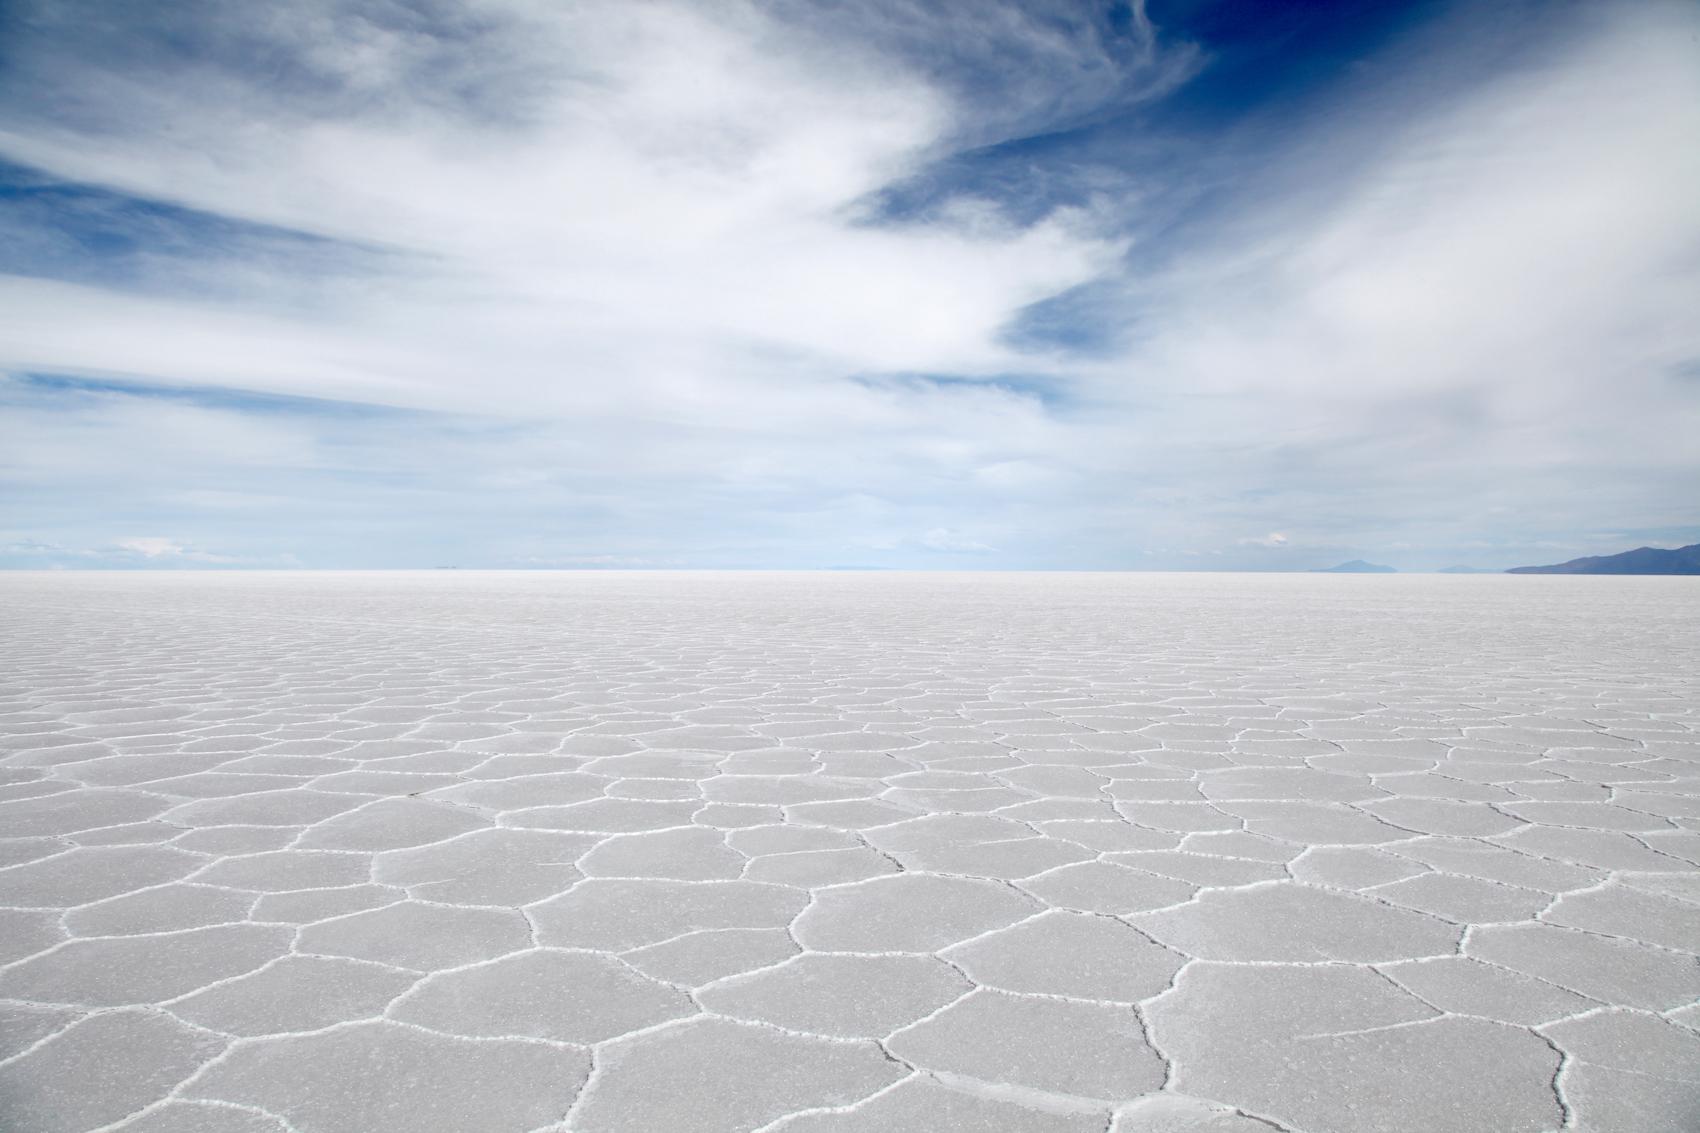 Les plus grandes réserves de lithium au monde sont ici: dans le lac salé Salar de Uyuni, en Bolivie (PHOTO: GETTY).